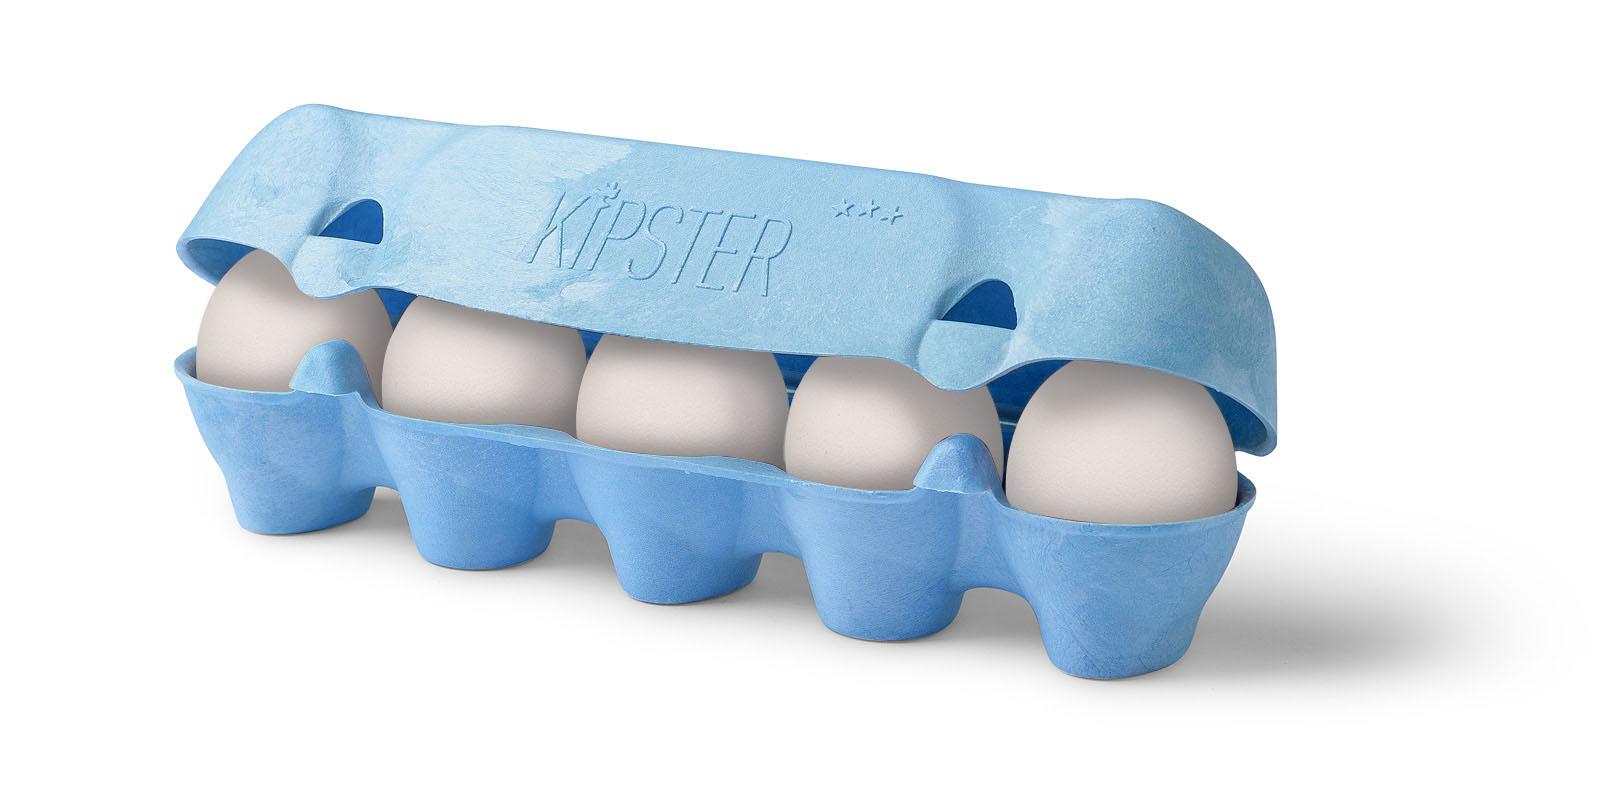 Kipster